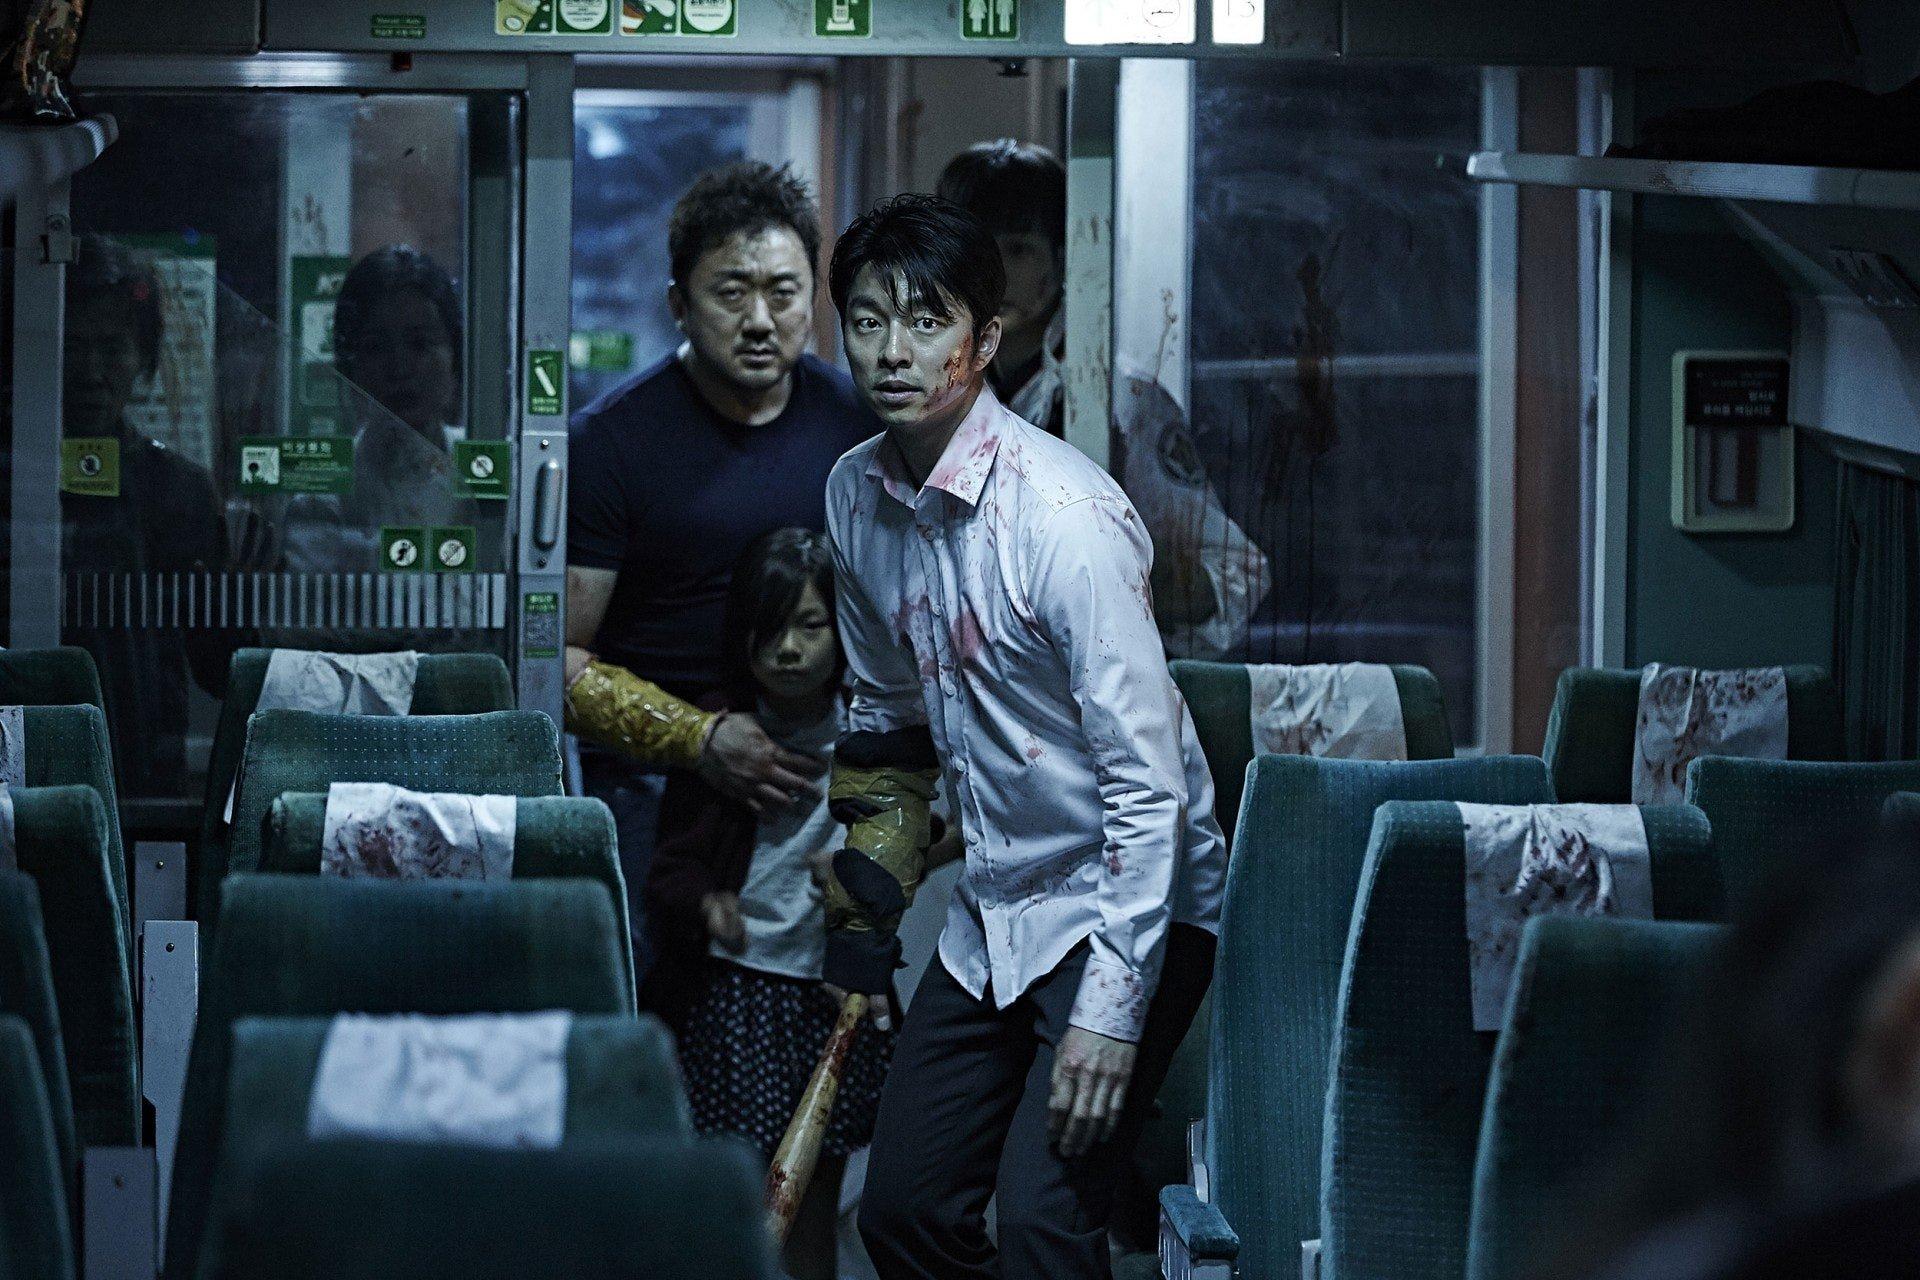 电影《尸杀列车2》明年开拍,孔刘何去何从?